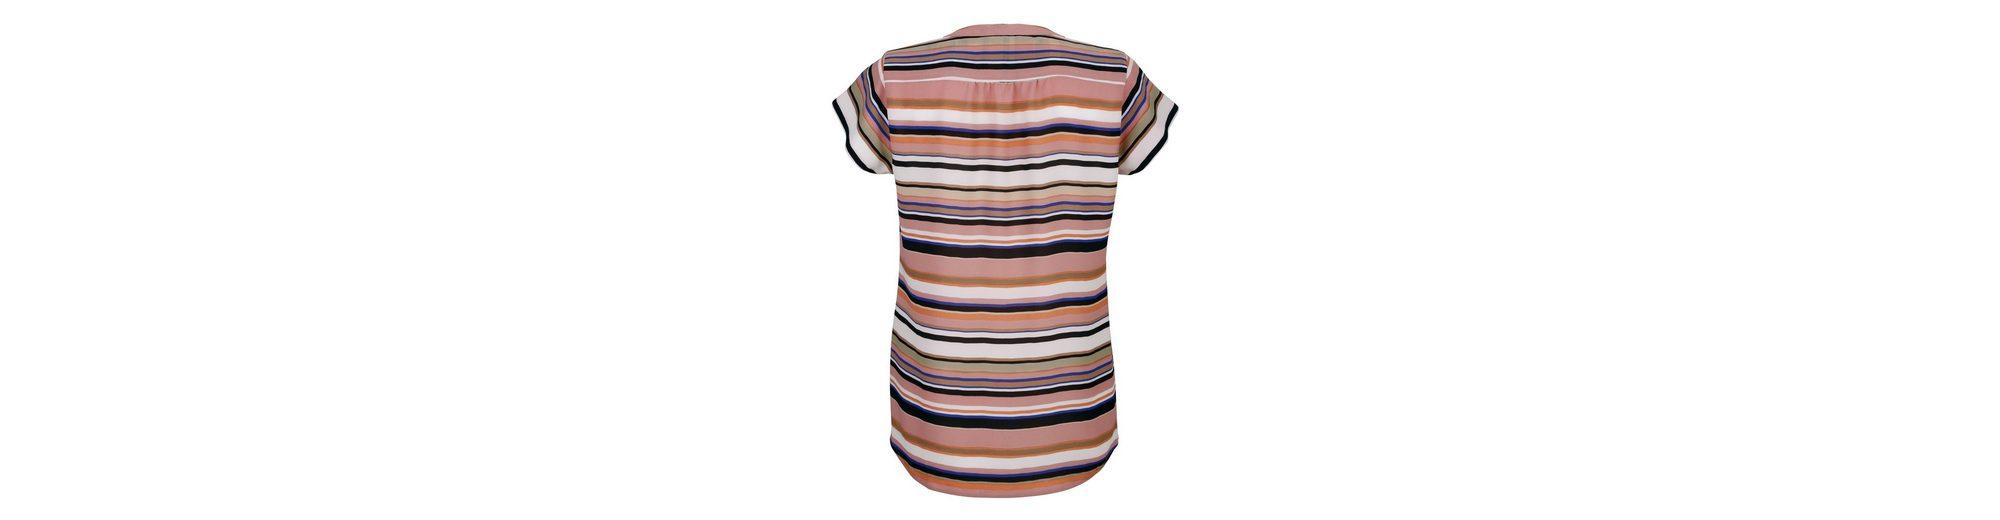 Alba Moda Blusenshirt in modischem Streifendessin Steckdose Authentisch Sy0JnjC